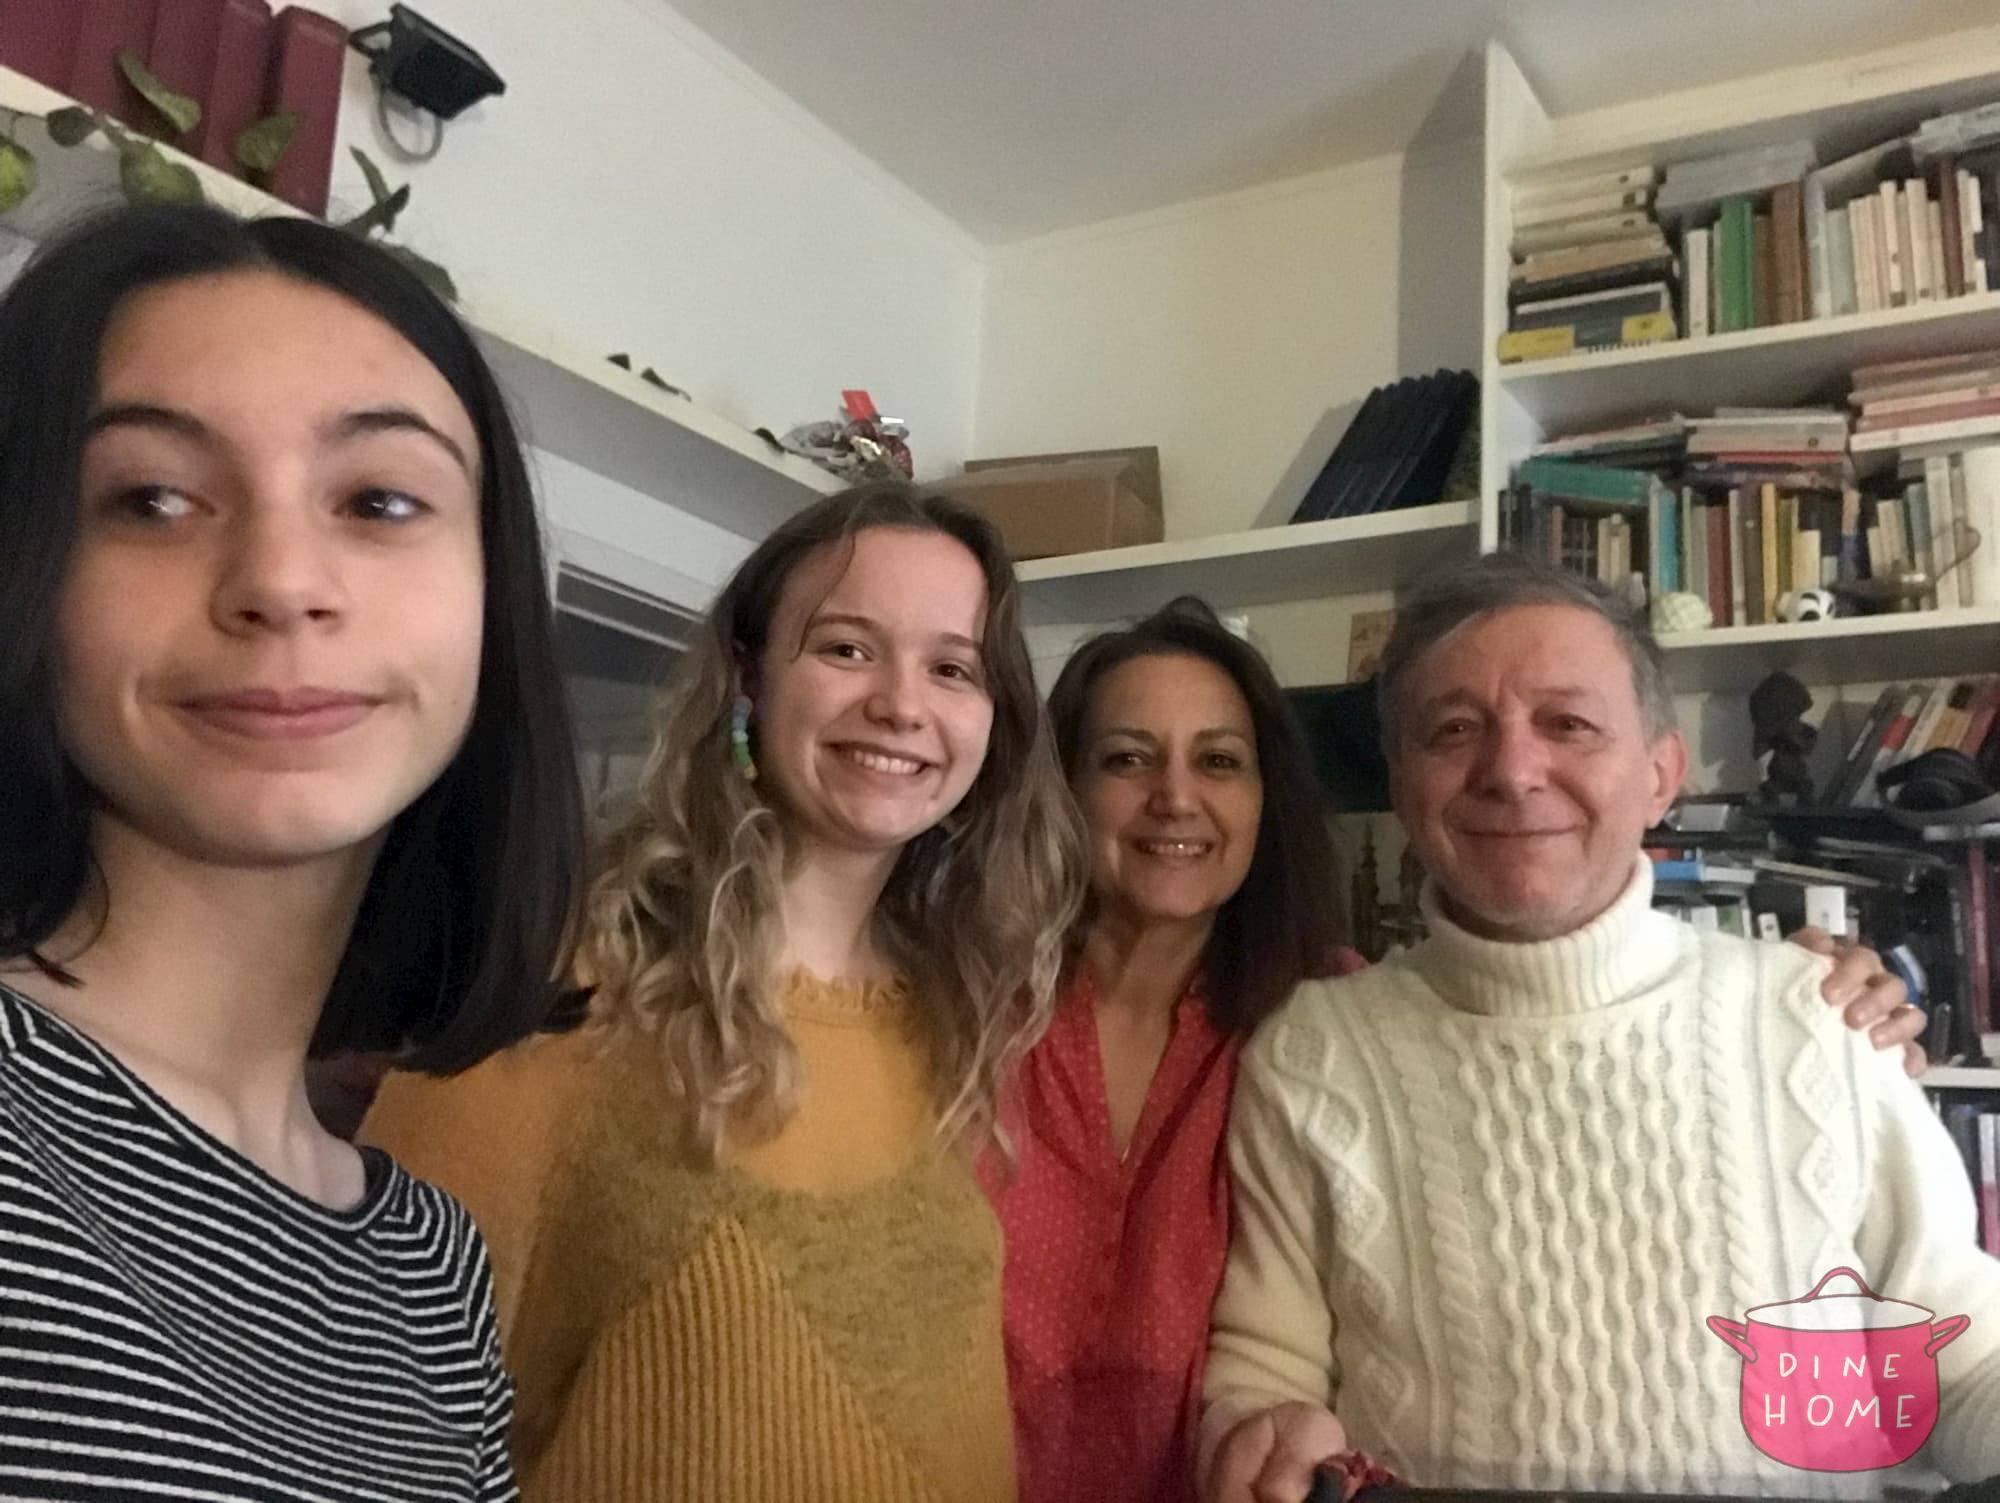 Eleanor, studentessa dal Regno Unito, a cena dalla sua famiglia Dinehome.